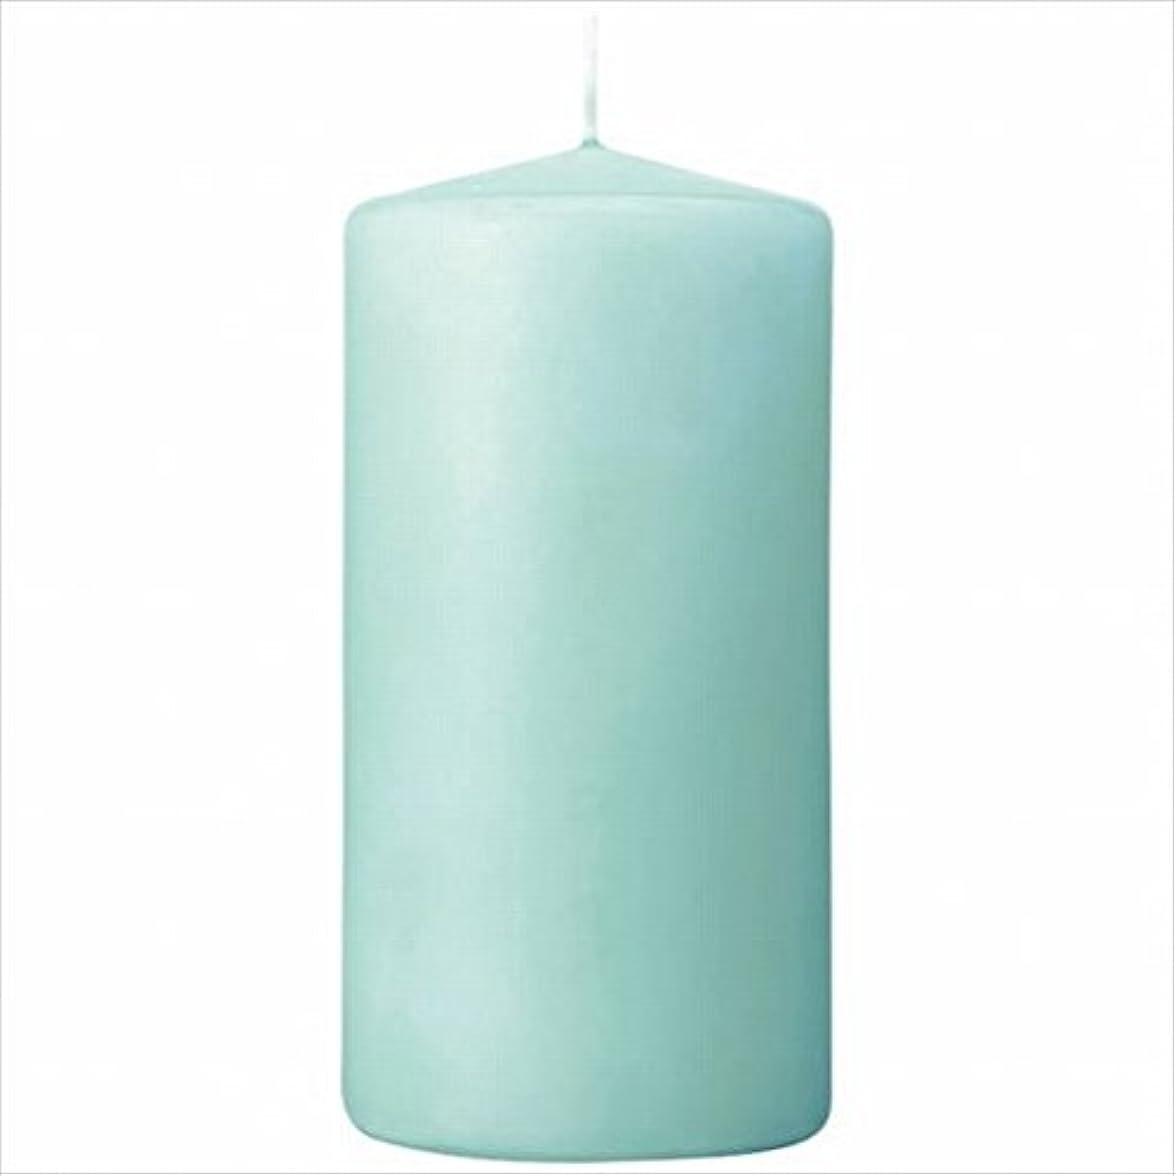 カメヤマキャンドル(kameyama candle) 3×6ベルトップピラーキャンドル 「 ライトブルー 」